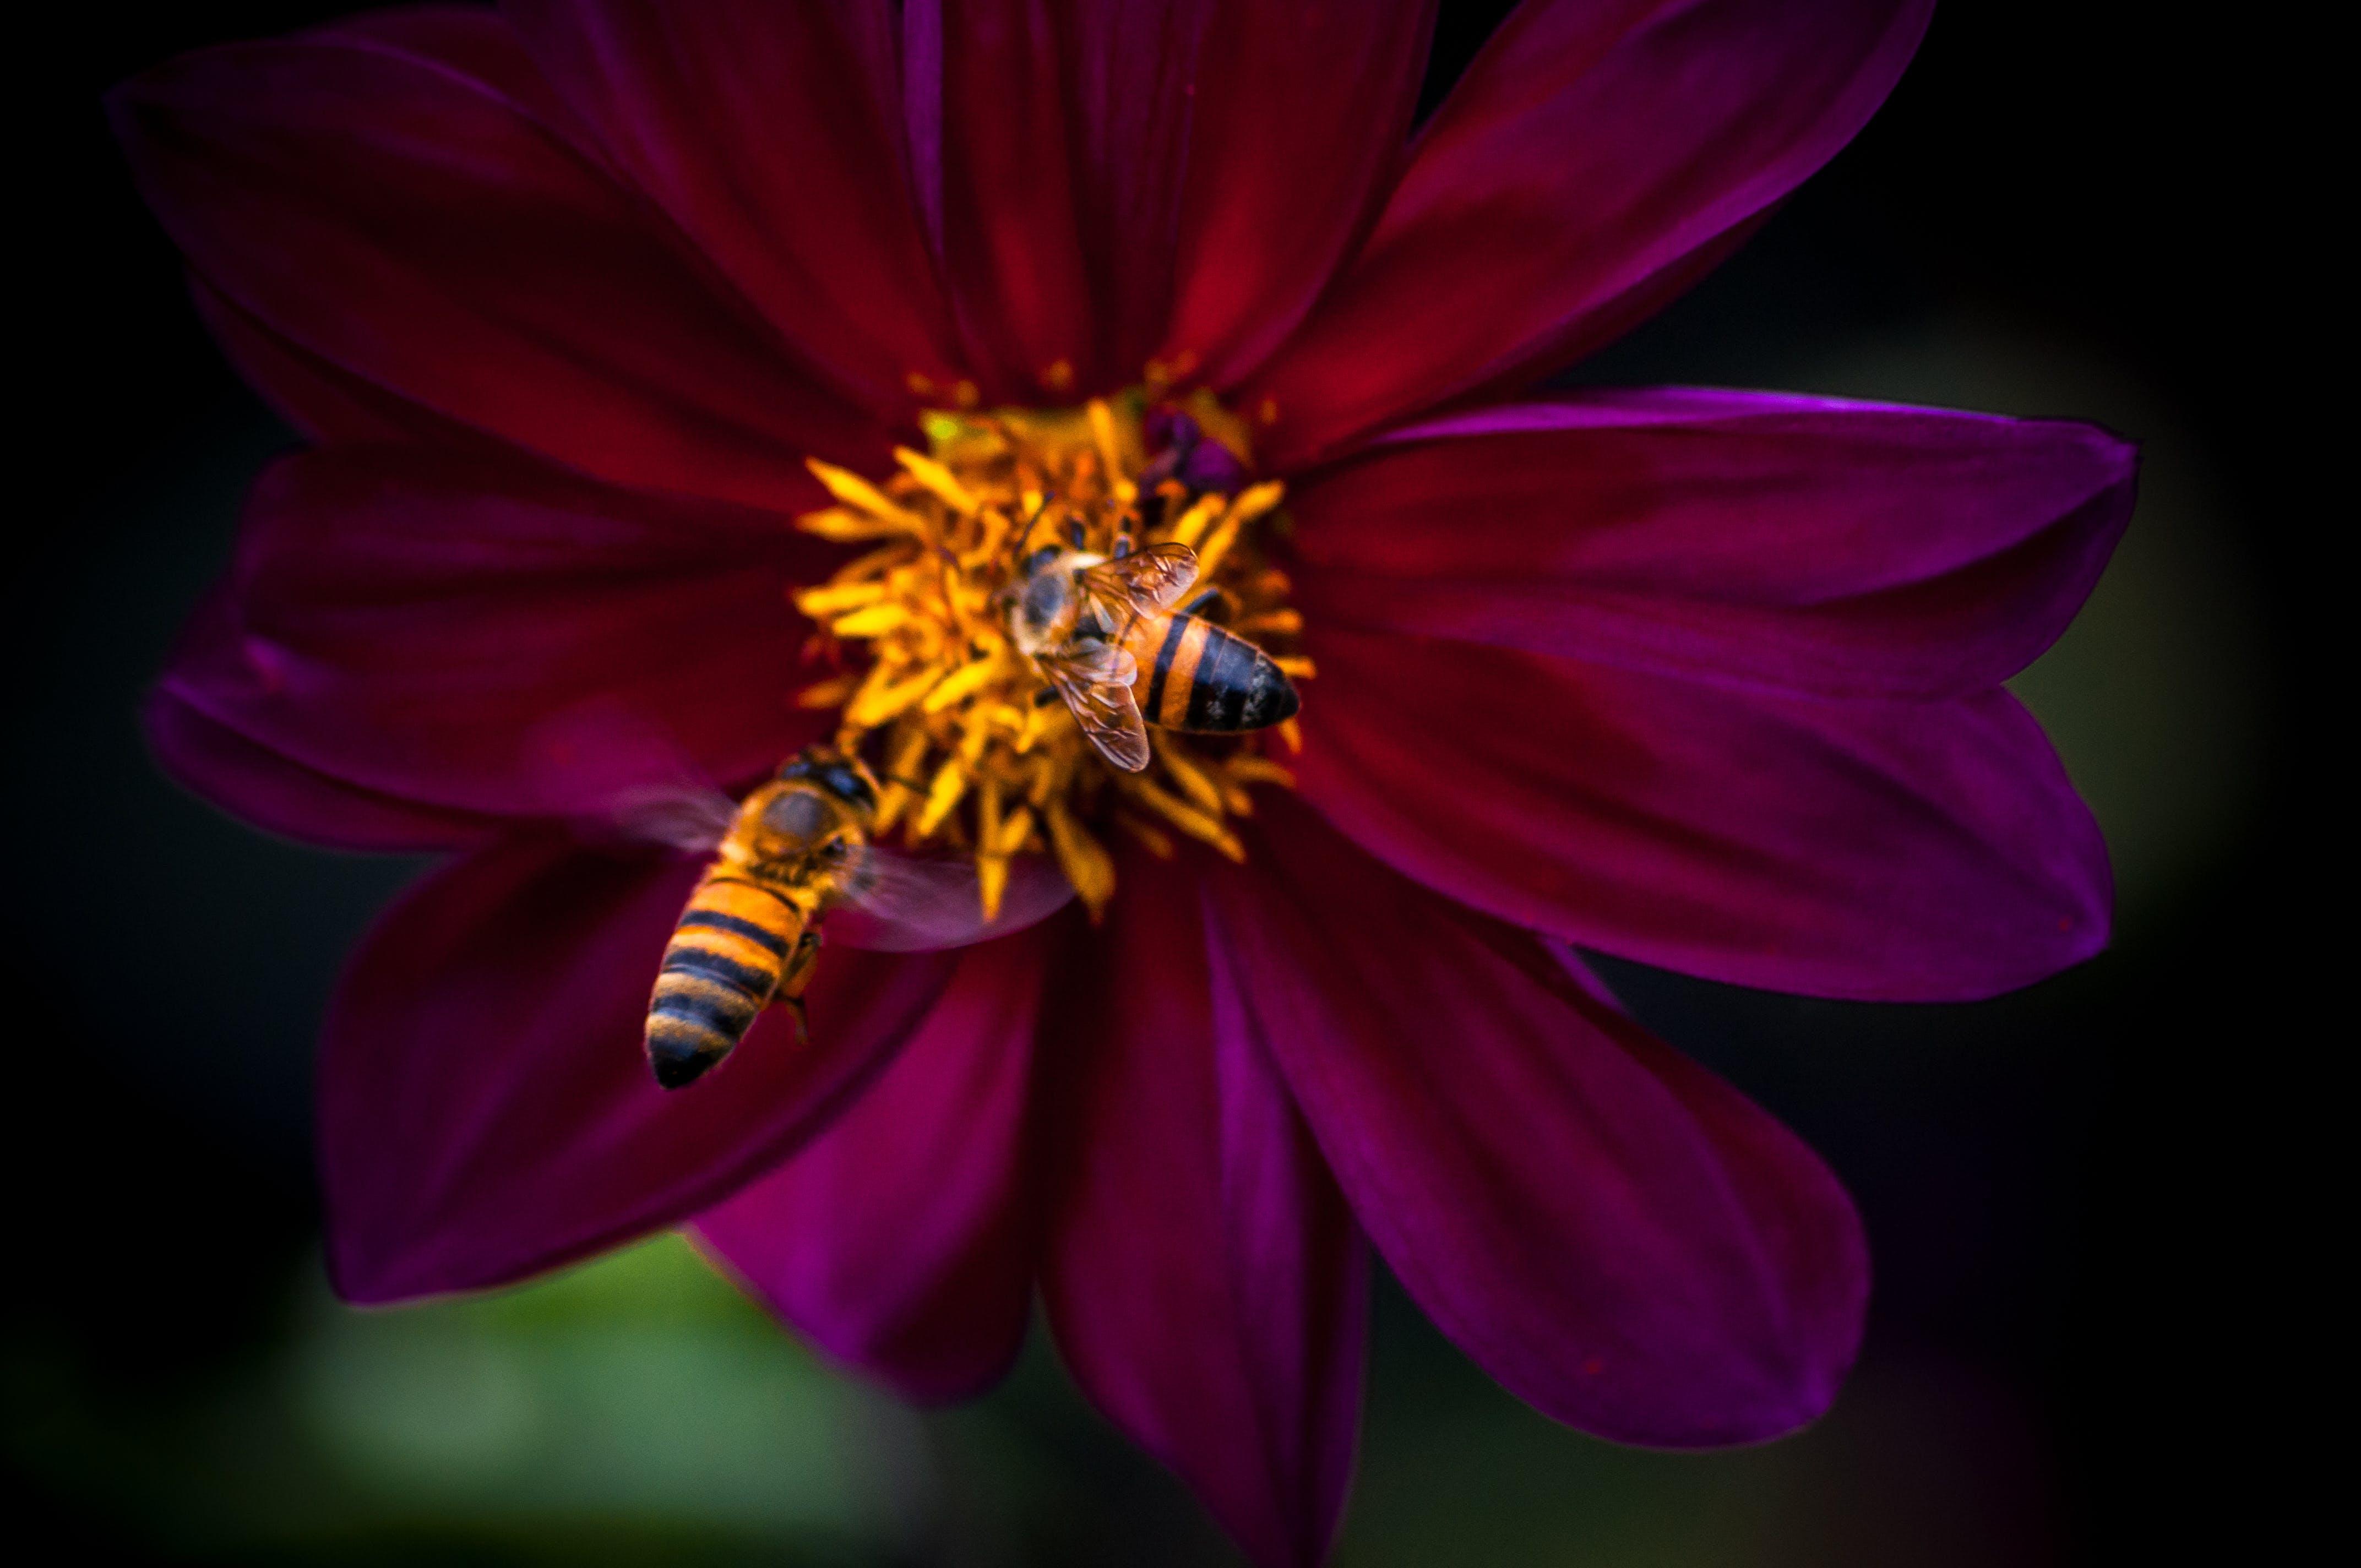 Gratis lagerfoto af bestøvning, bier, blomst, blomstrende